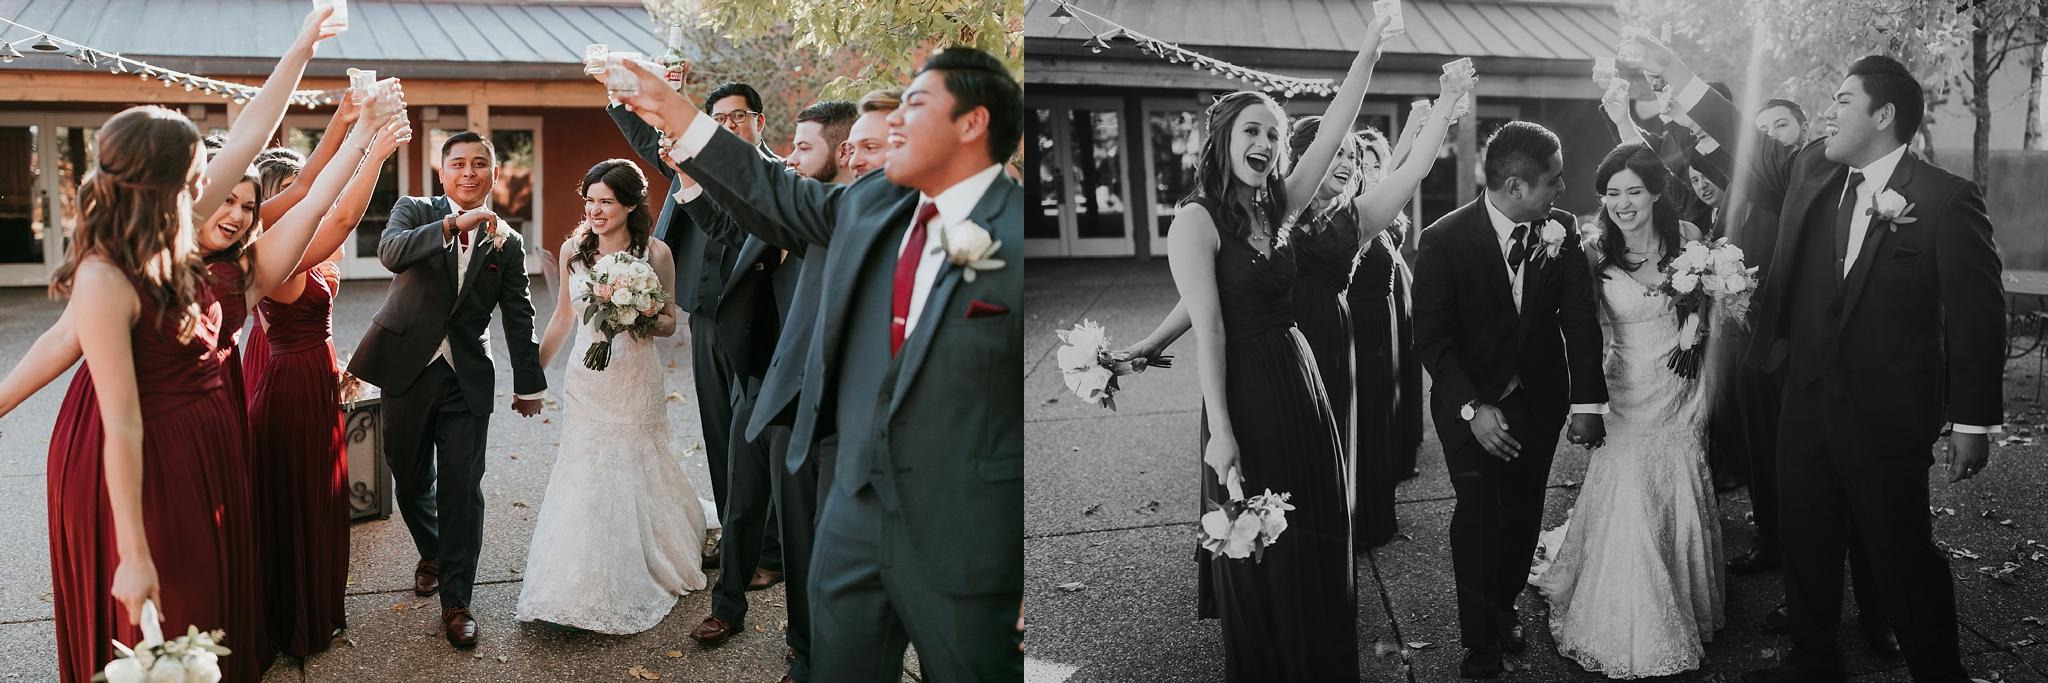 Alicia+lucia+photography+-+albuquerque+wedding+photographer+-+santa+fe+wedding+photography+-+new+mexico+wedding+photographer+-+new+mexico+wedding+-+wedding+photographer+-+wedding+photographer+team_0022.jpg